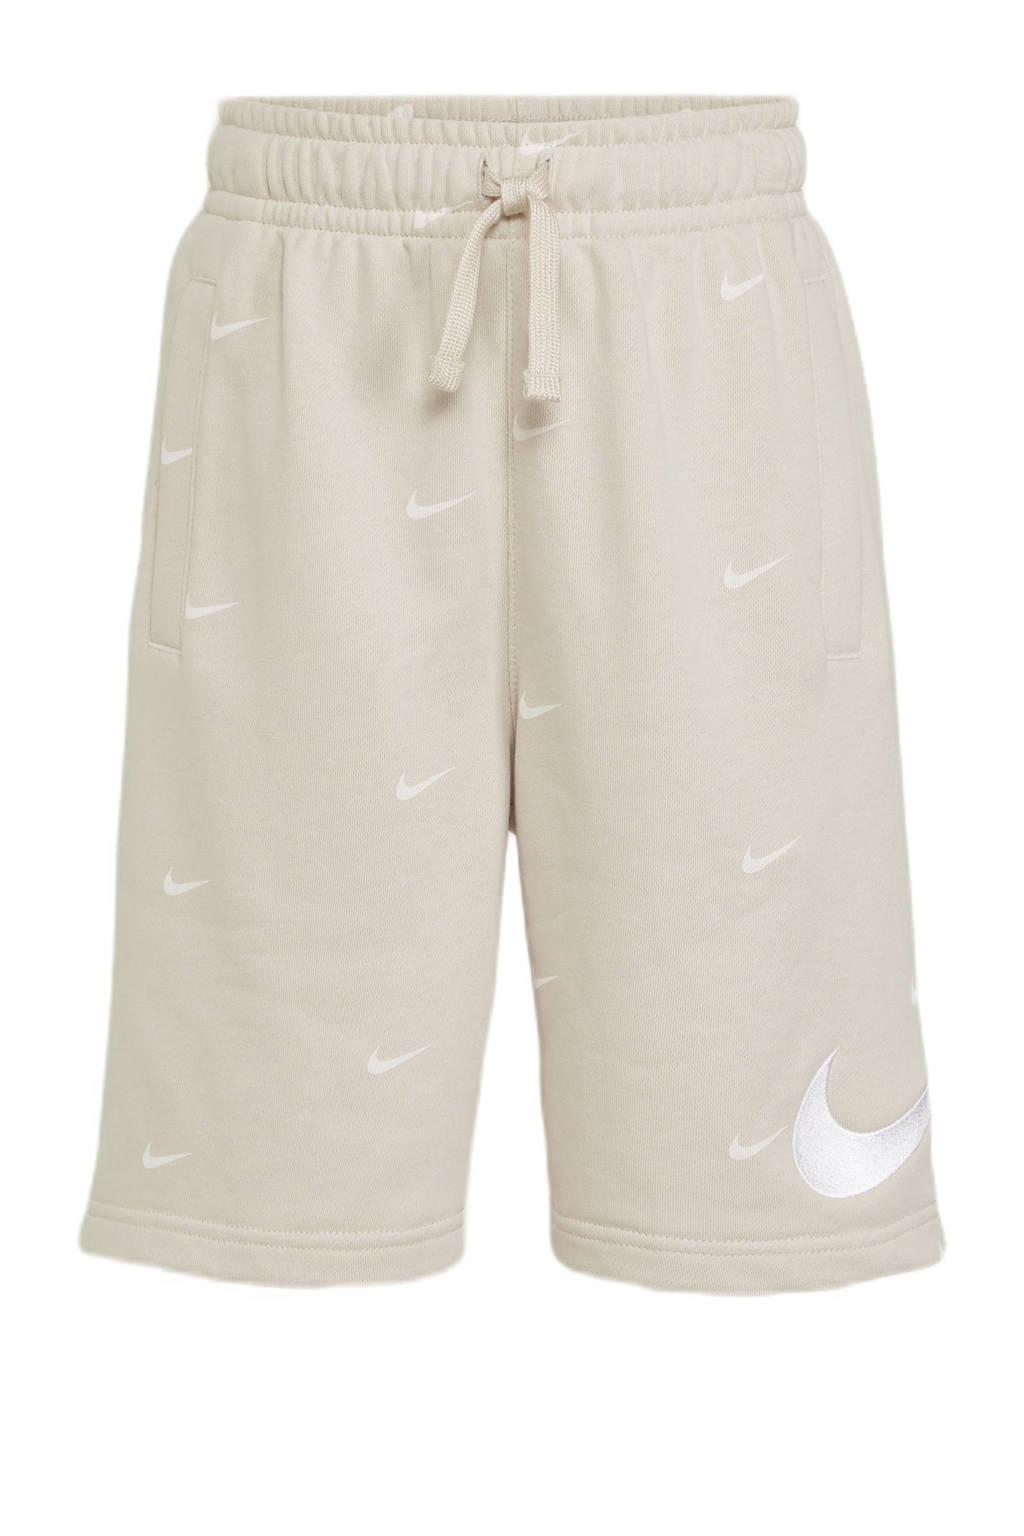 Nike short beige/wit, Beige/wit